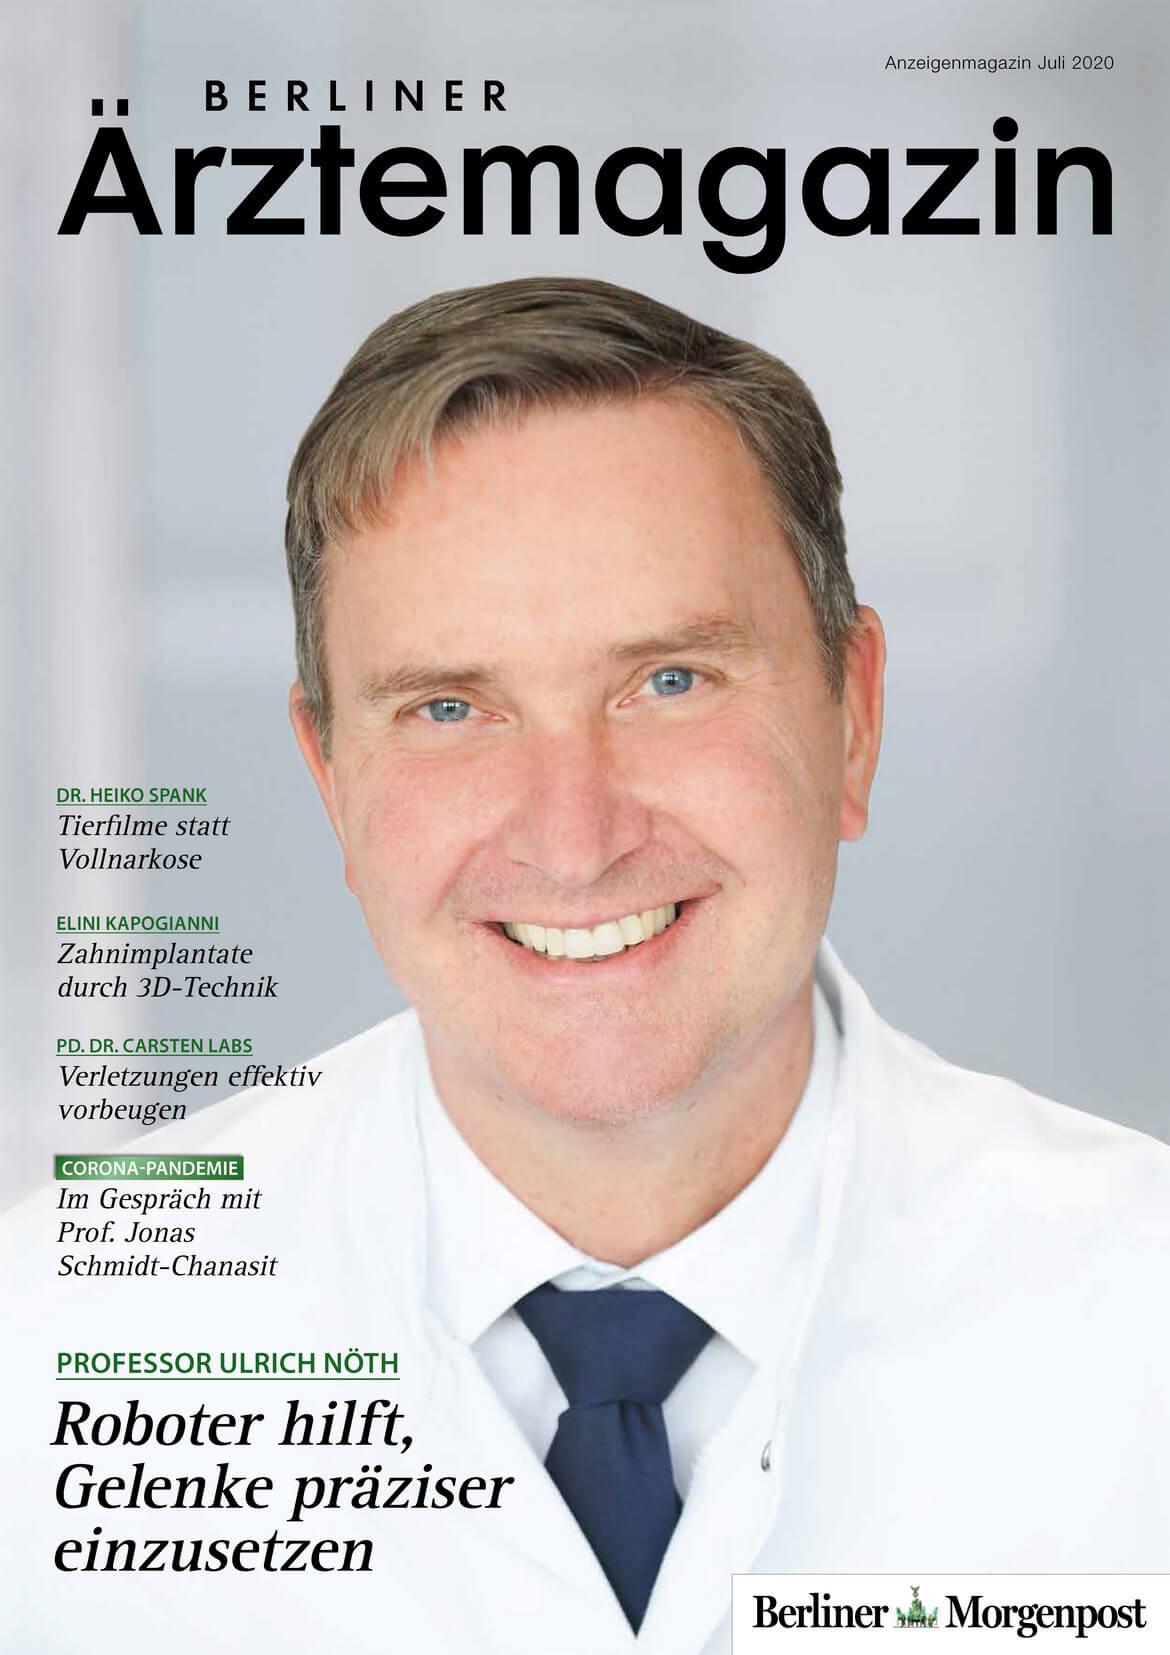 Berliner Ärztemagazin Ausgabe Juli 2020 erschienen